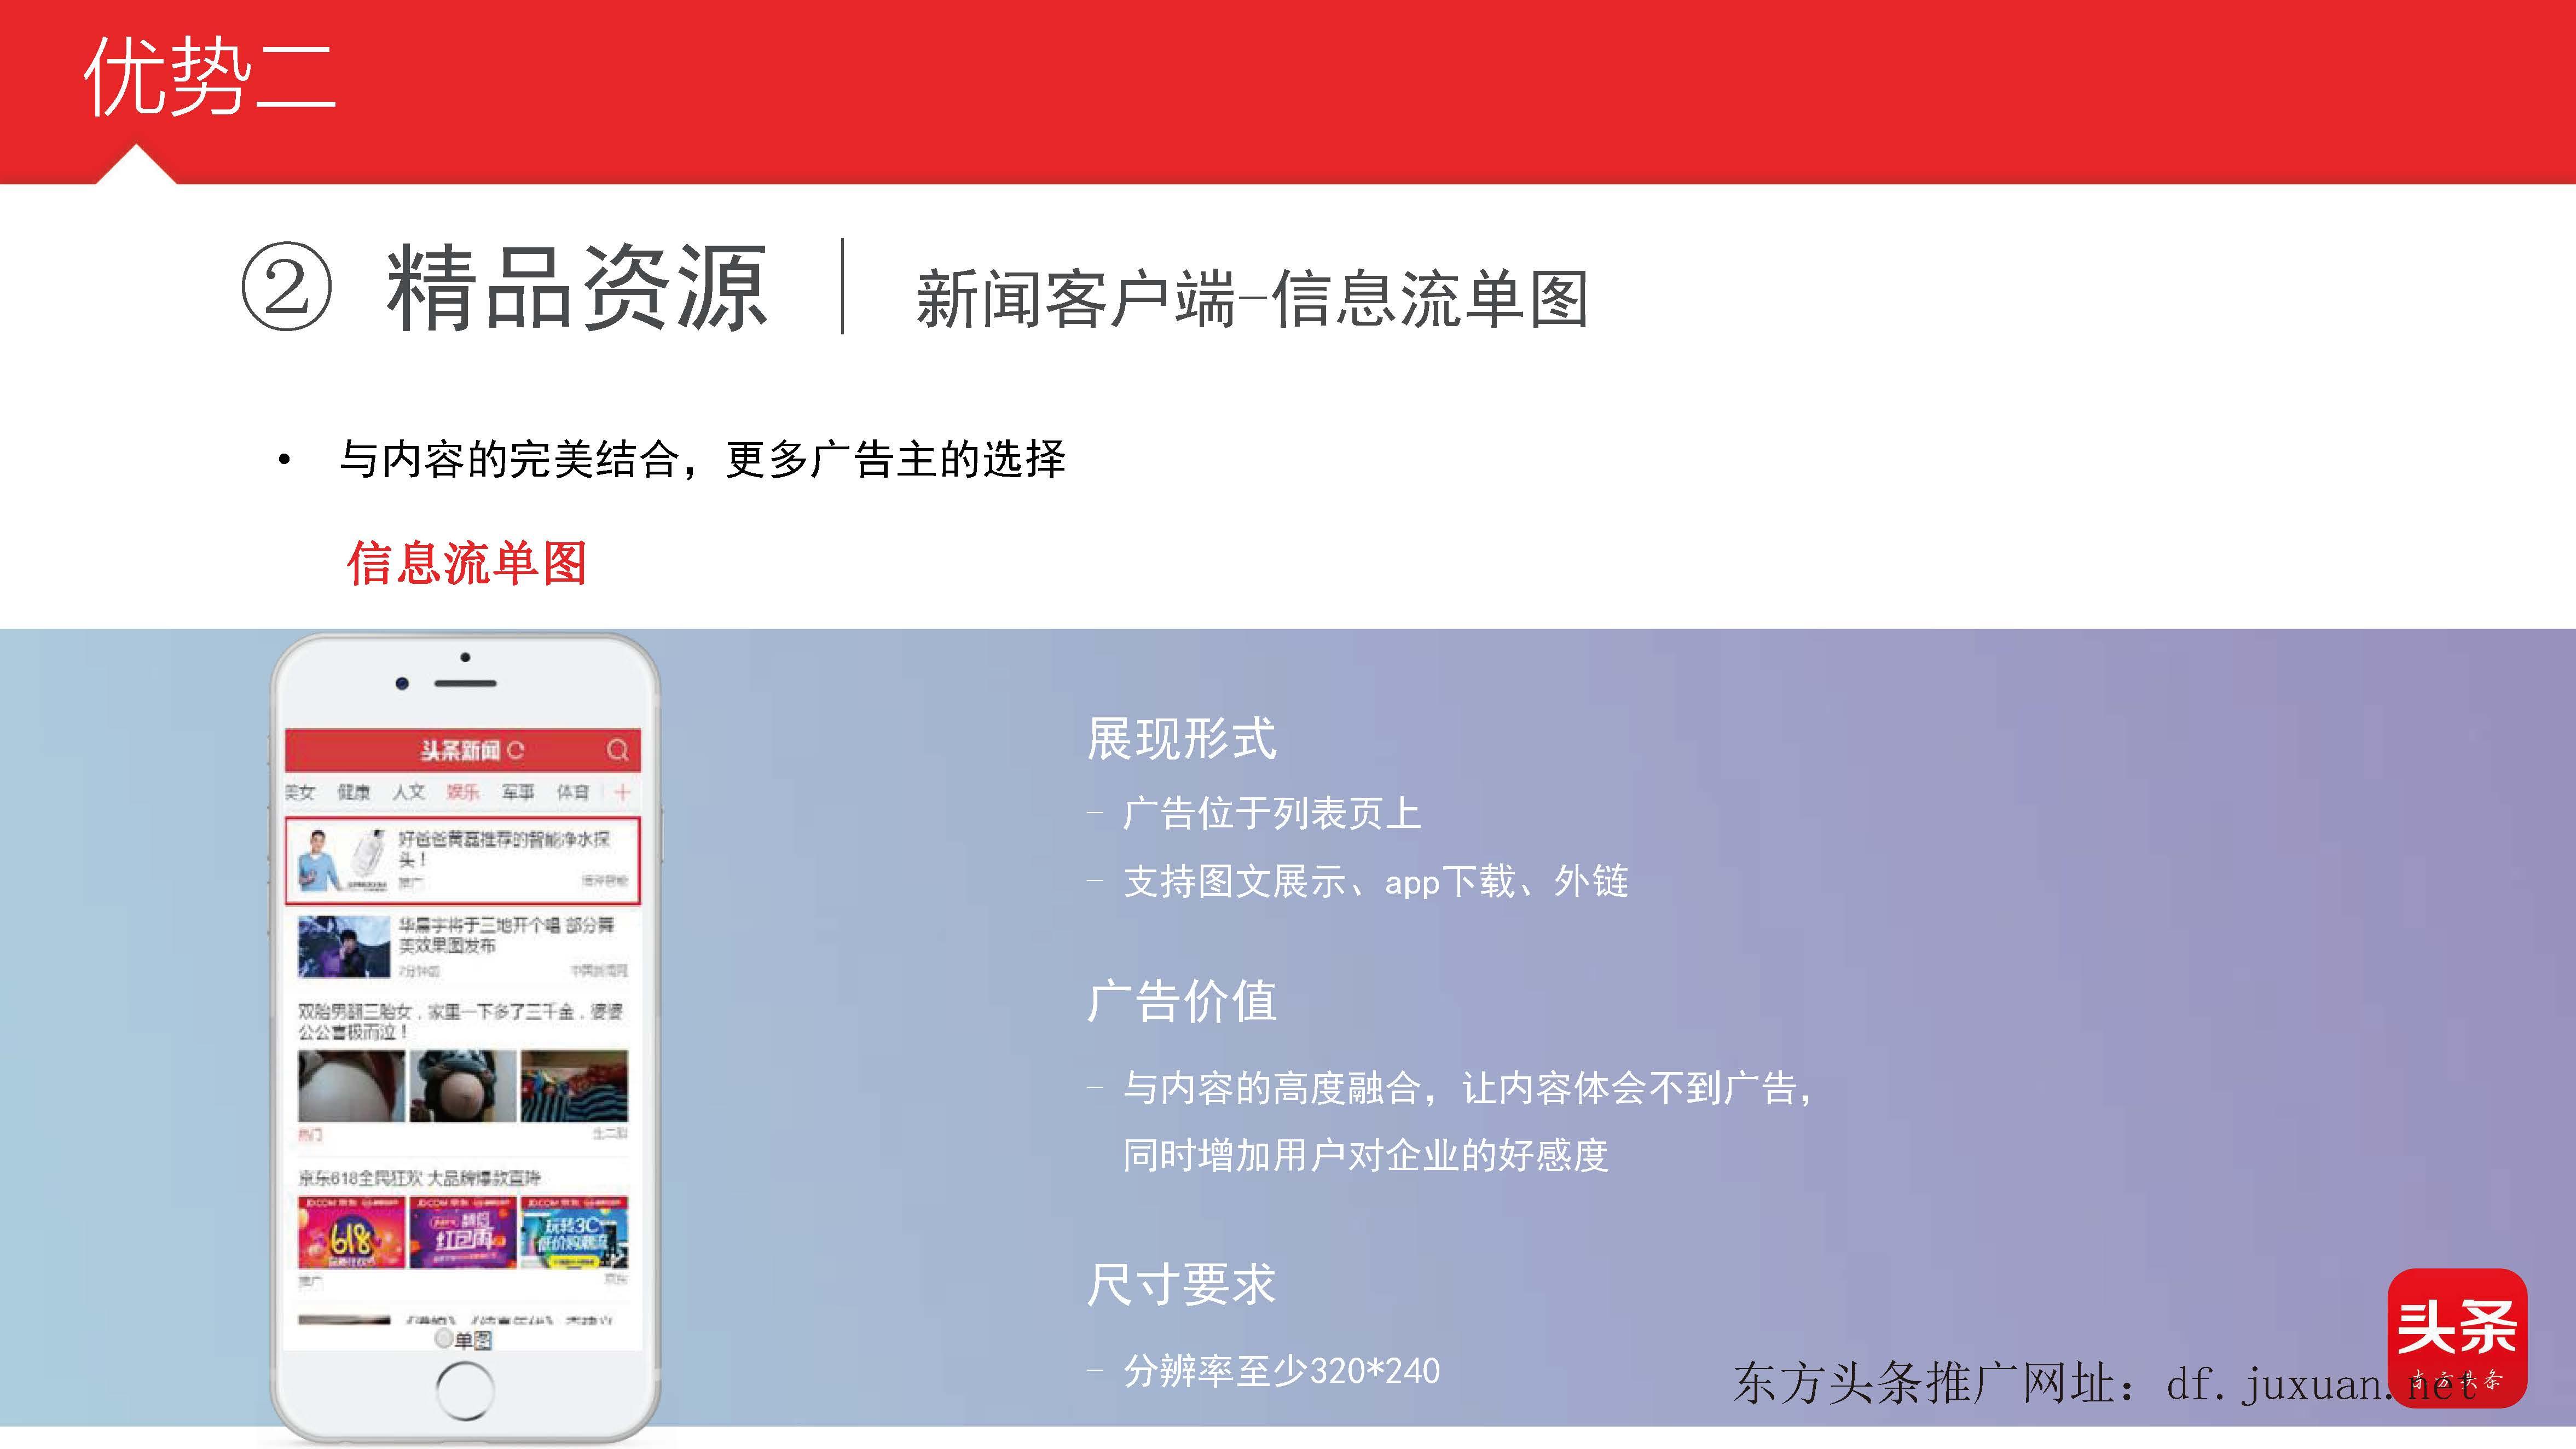 东方推广资源-新闻客户端信息流单图广告